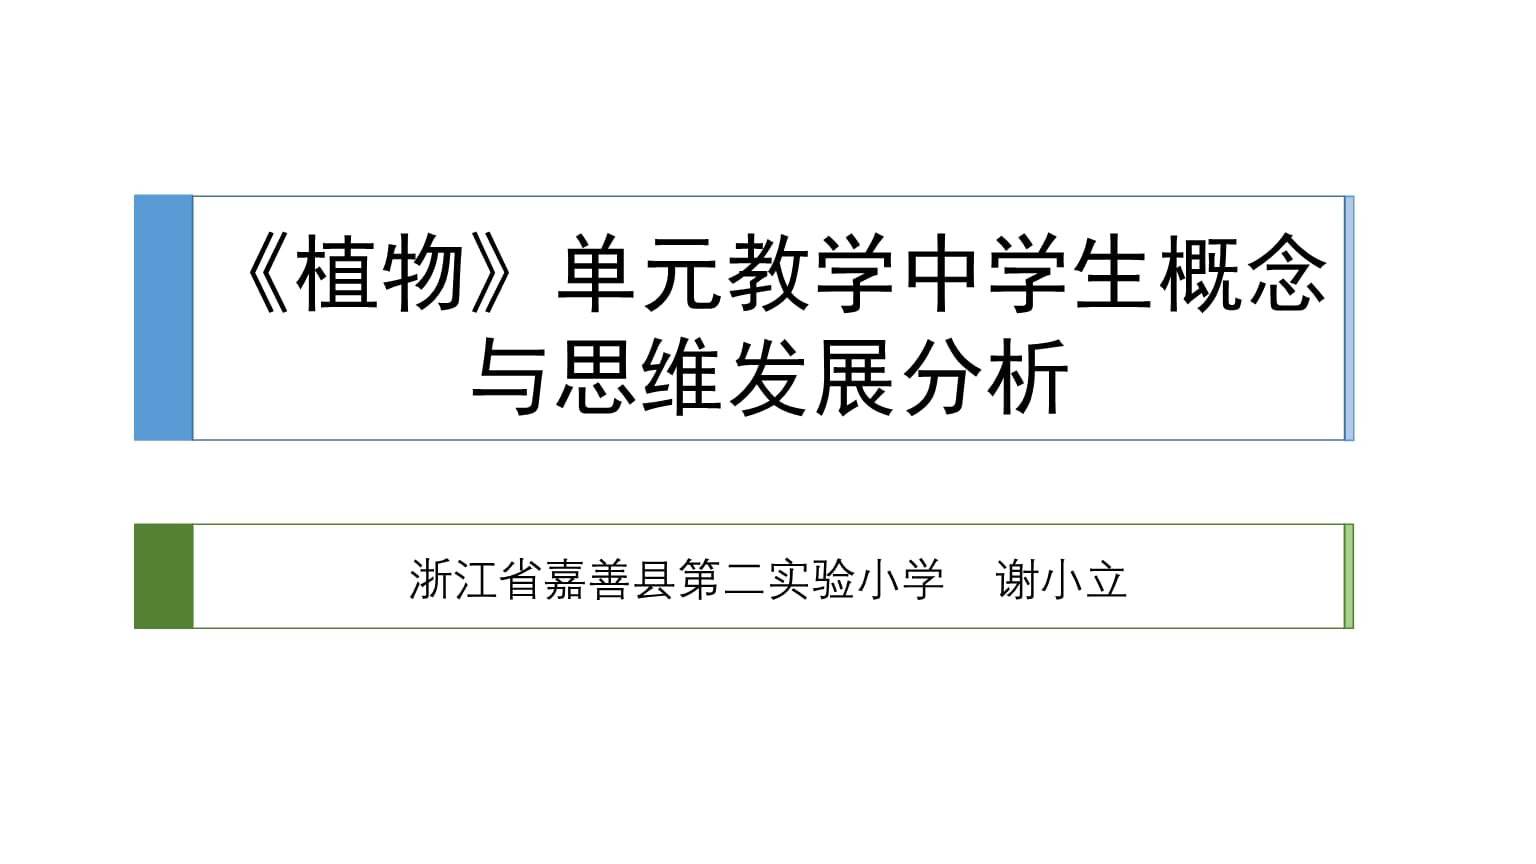 谢小立:《植物》单元教学中学生概念与思维发展分析.ppt